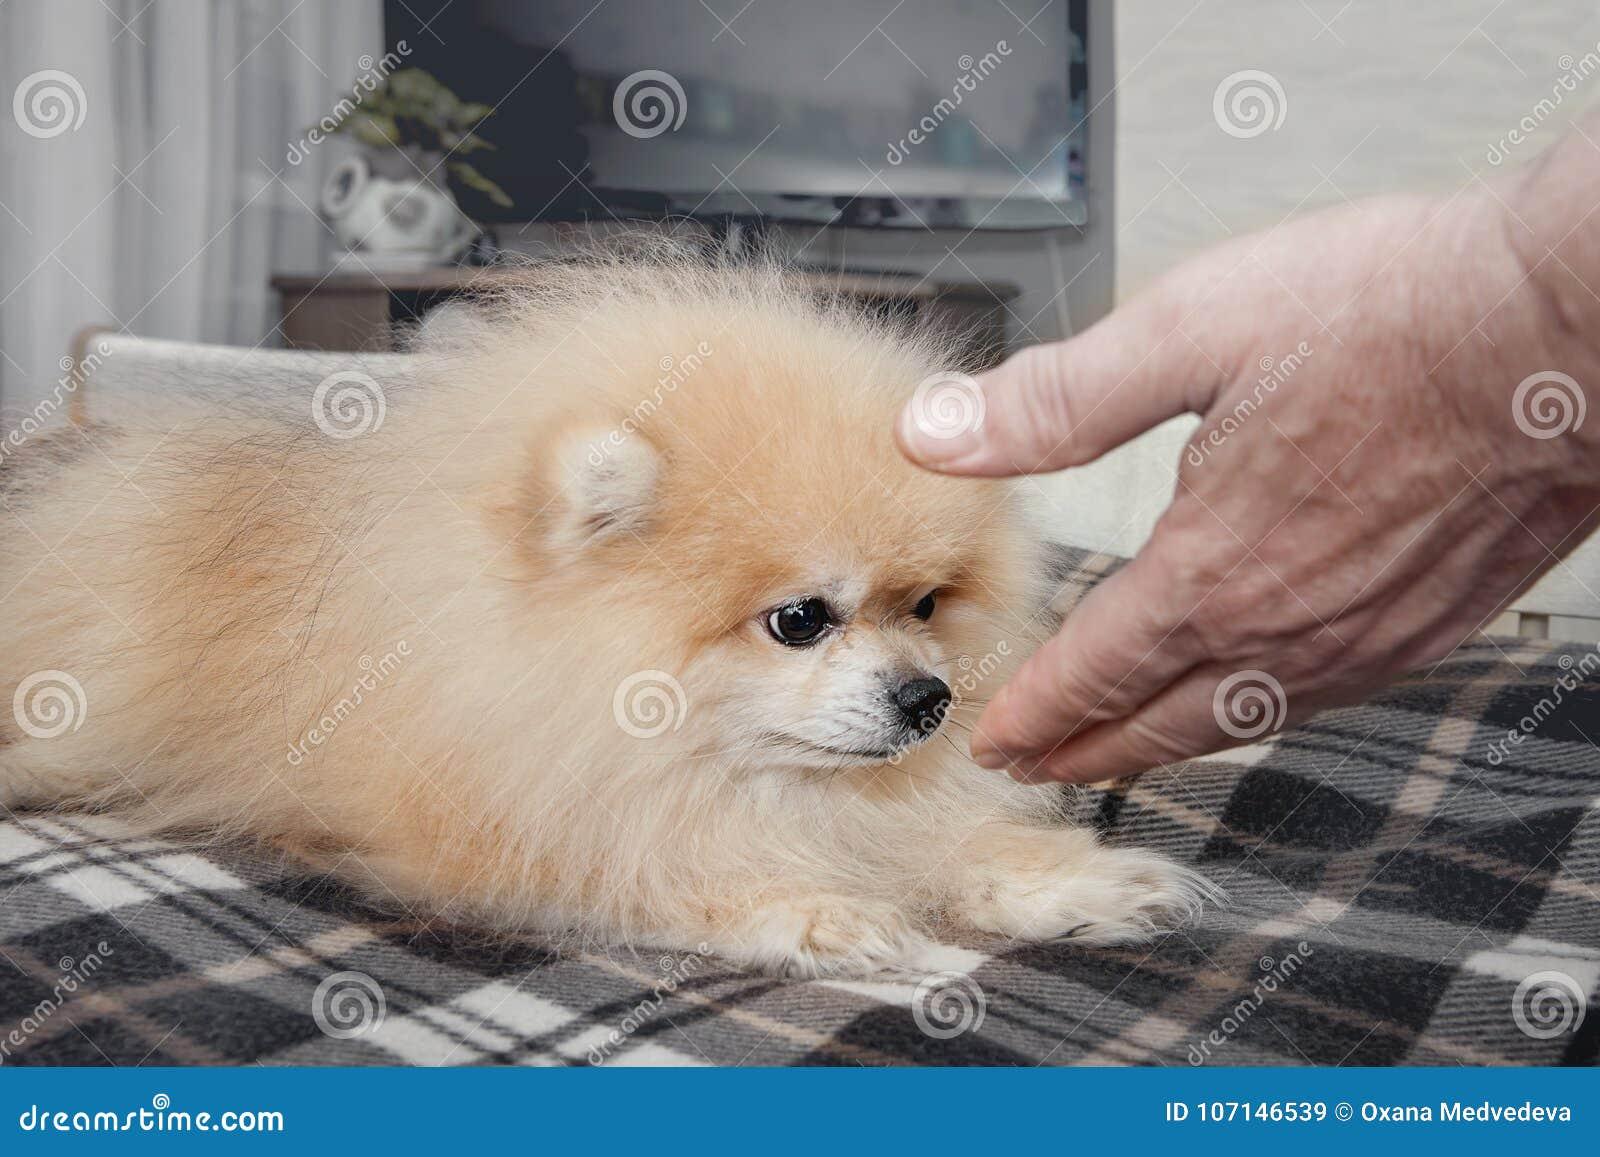 Cão branco pequeno que aspira uma mão que olha os olhos marrons na pessoa que tenta o pet